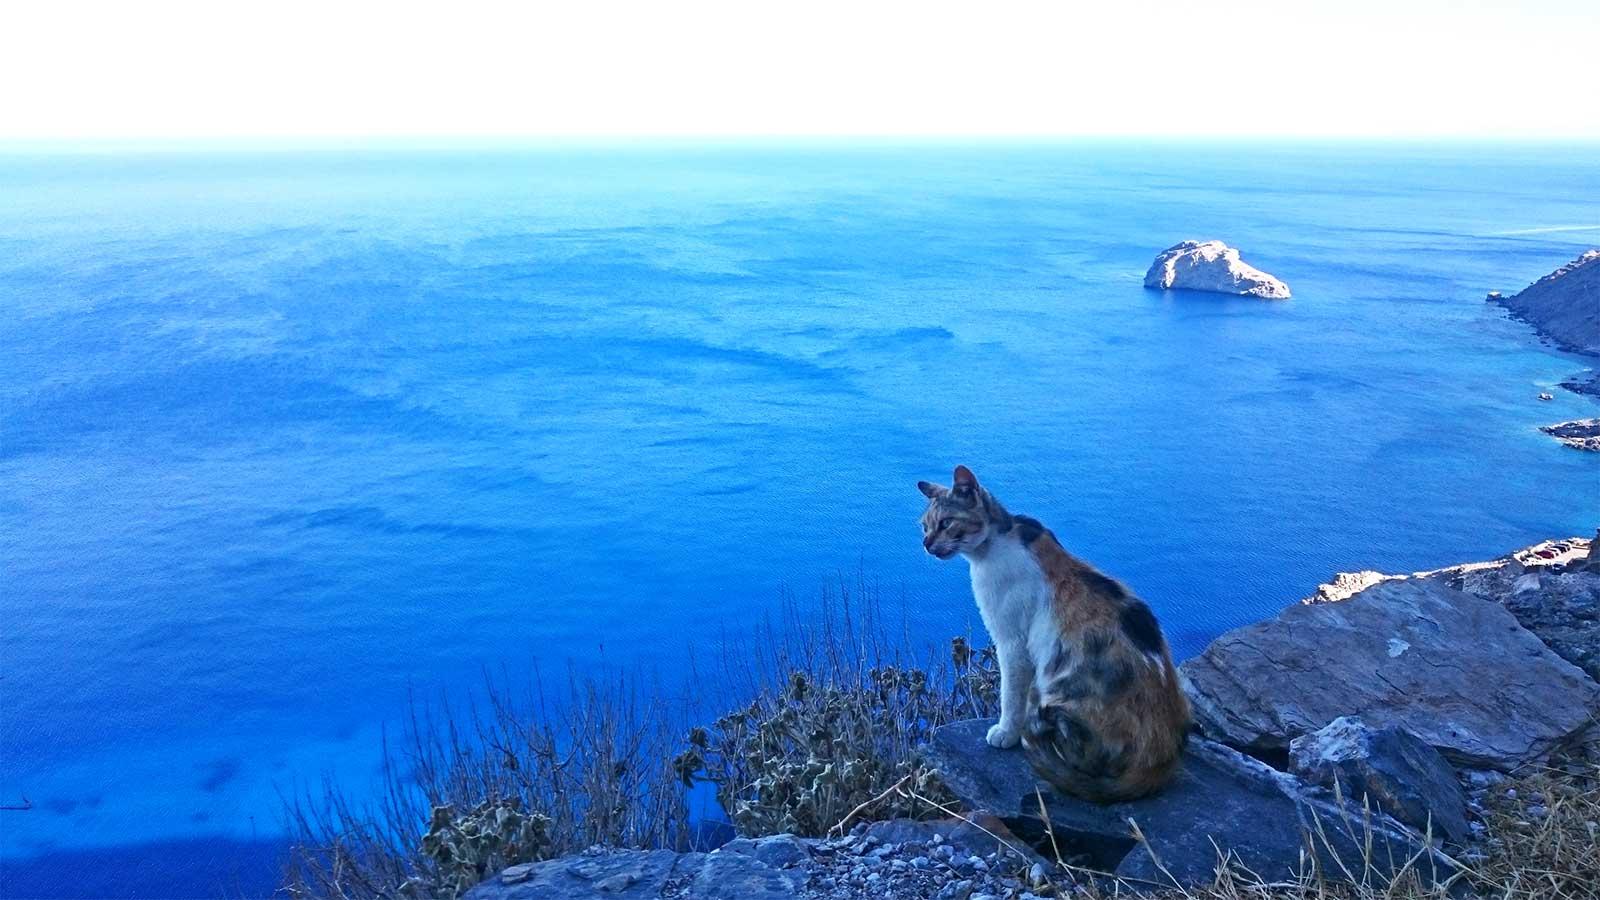 Griechenland Abenteuer Segeln von Mykonos nach Santorini Segeltörn Reisen für junge Leute traveljunkies